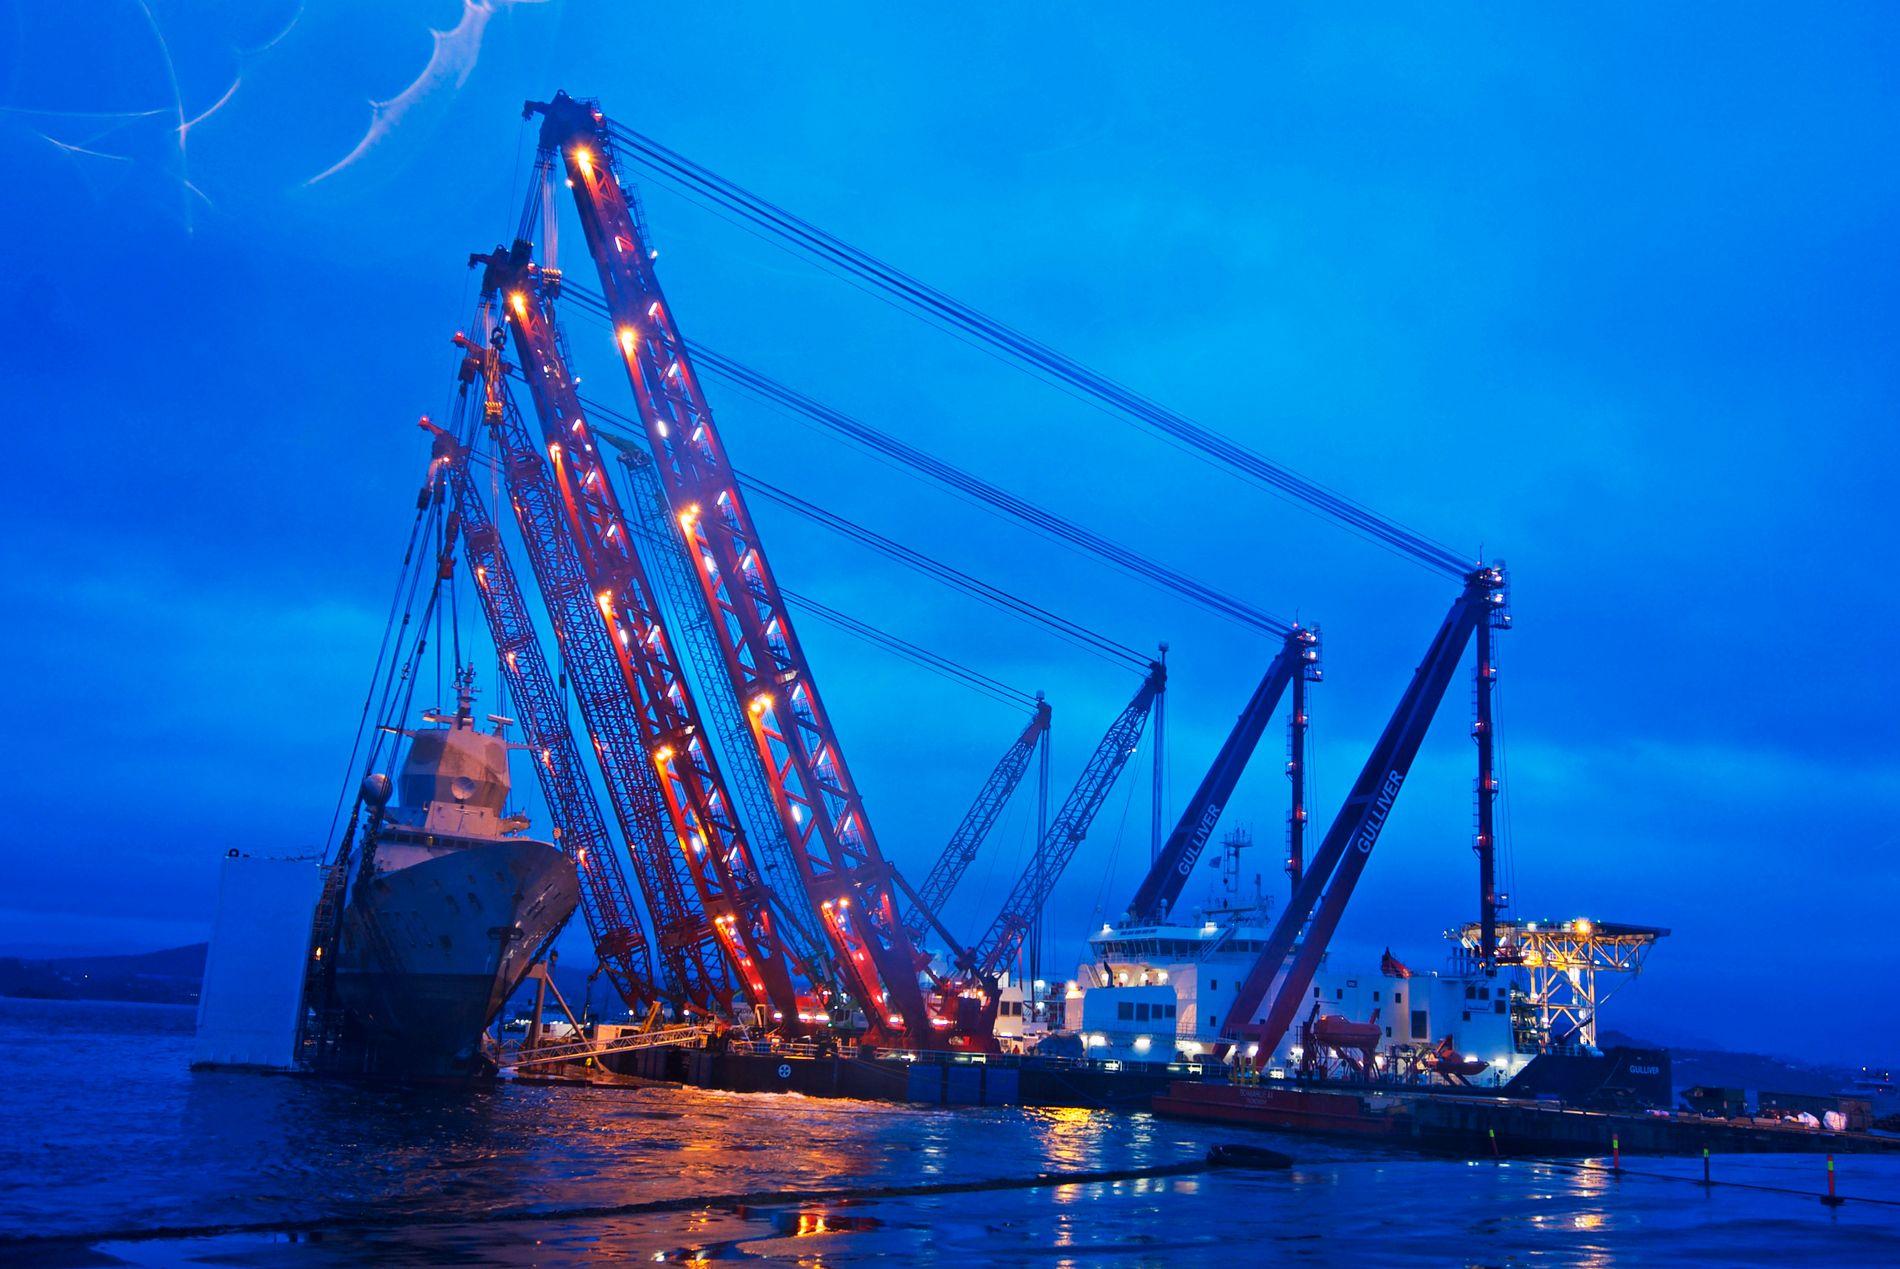 ENDELIG OPPE: Lørdag kveld settes sluttstrek for en nær fire måneders prosess med å heve KNM «Helge Ingstad».